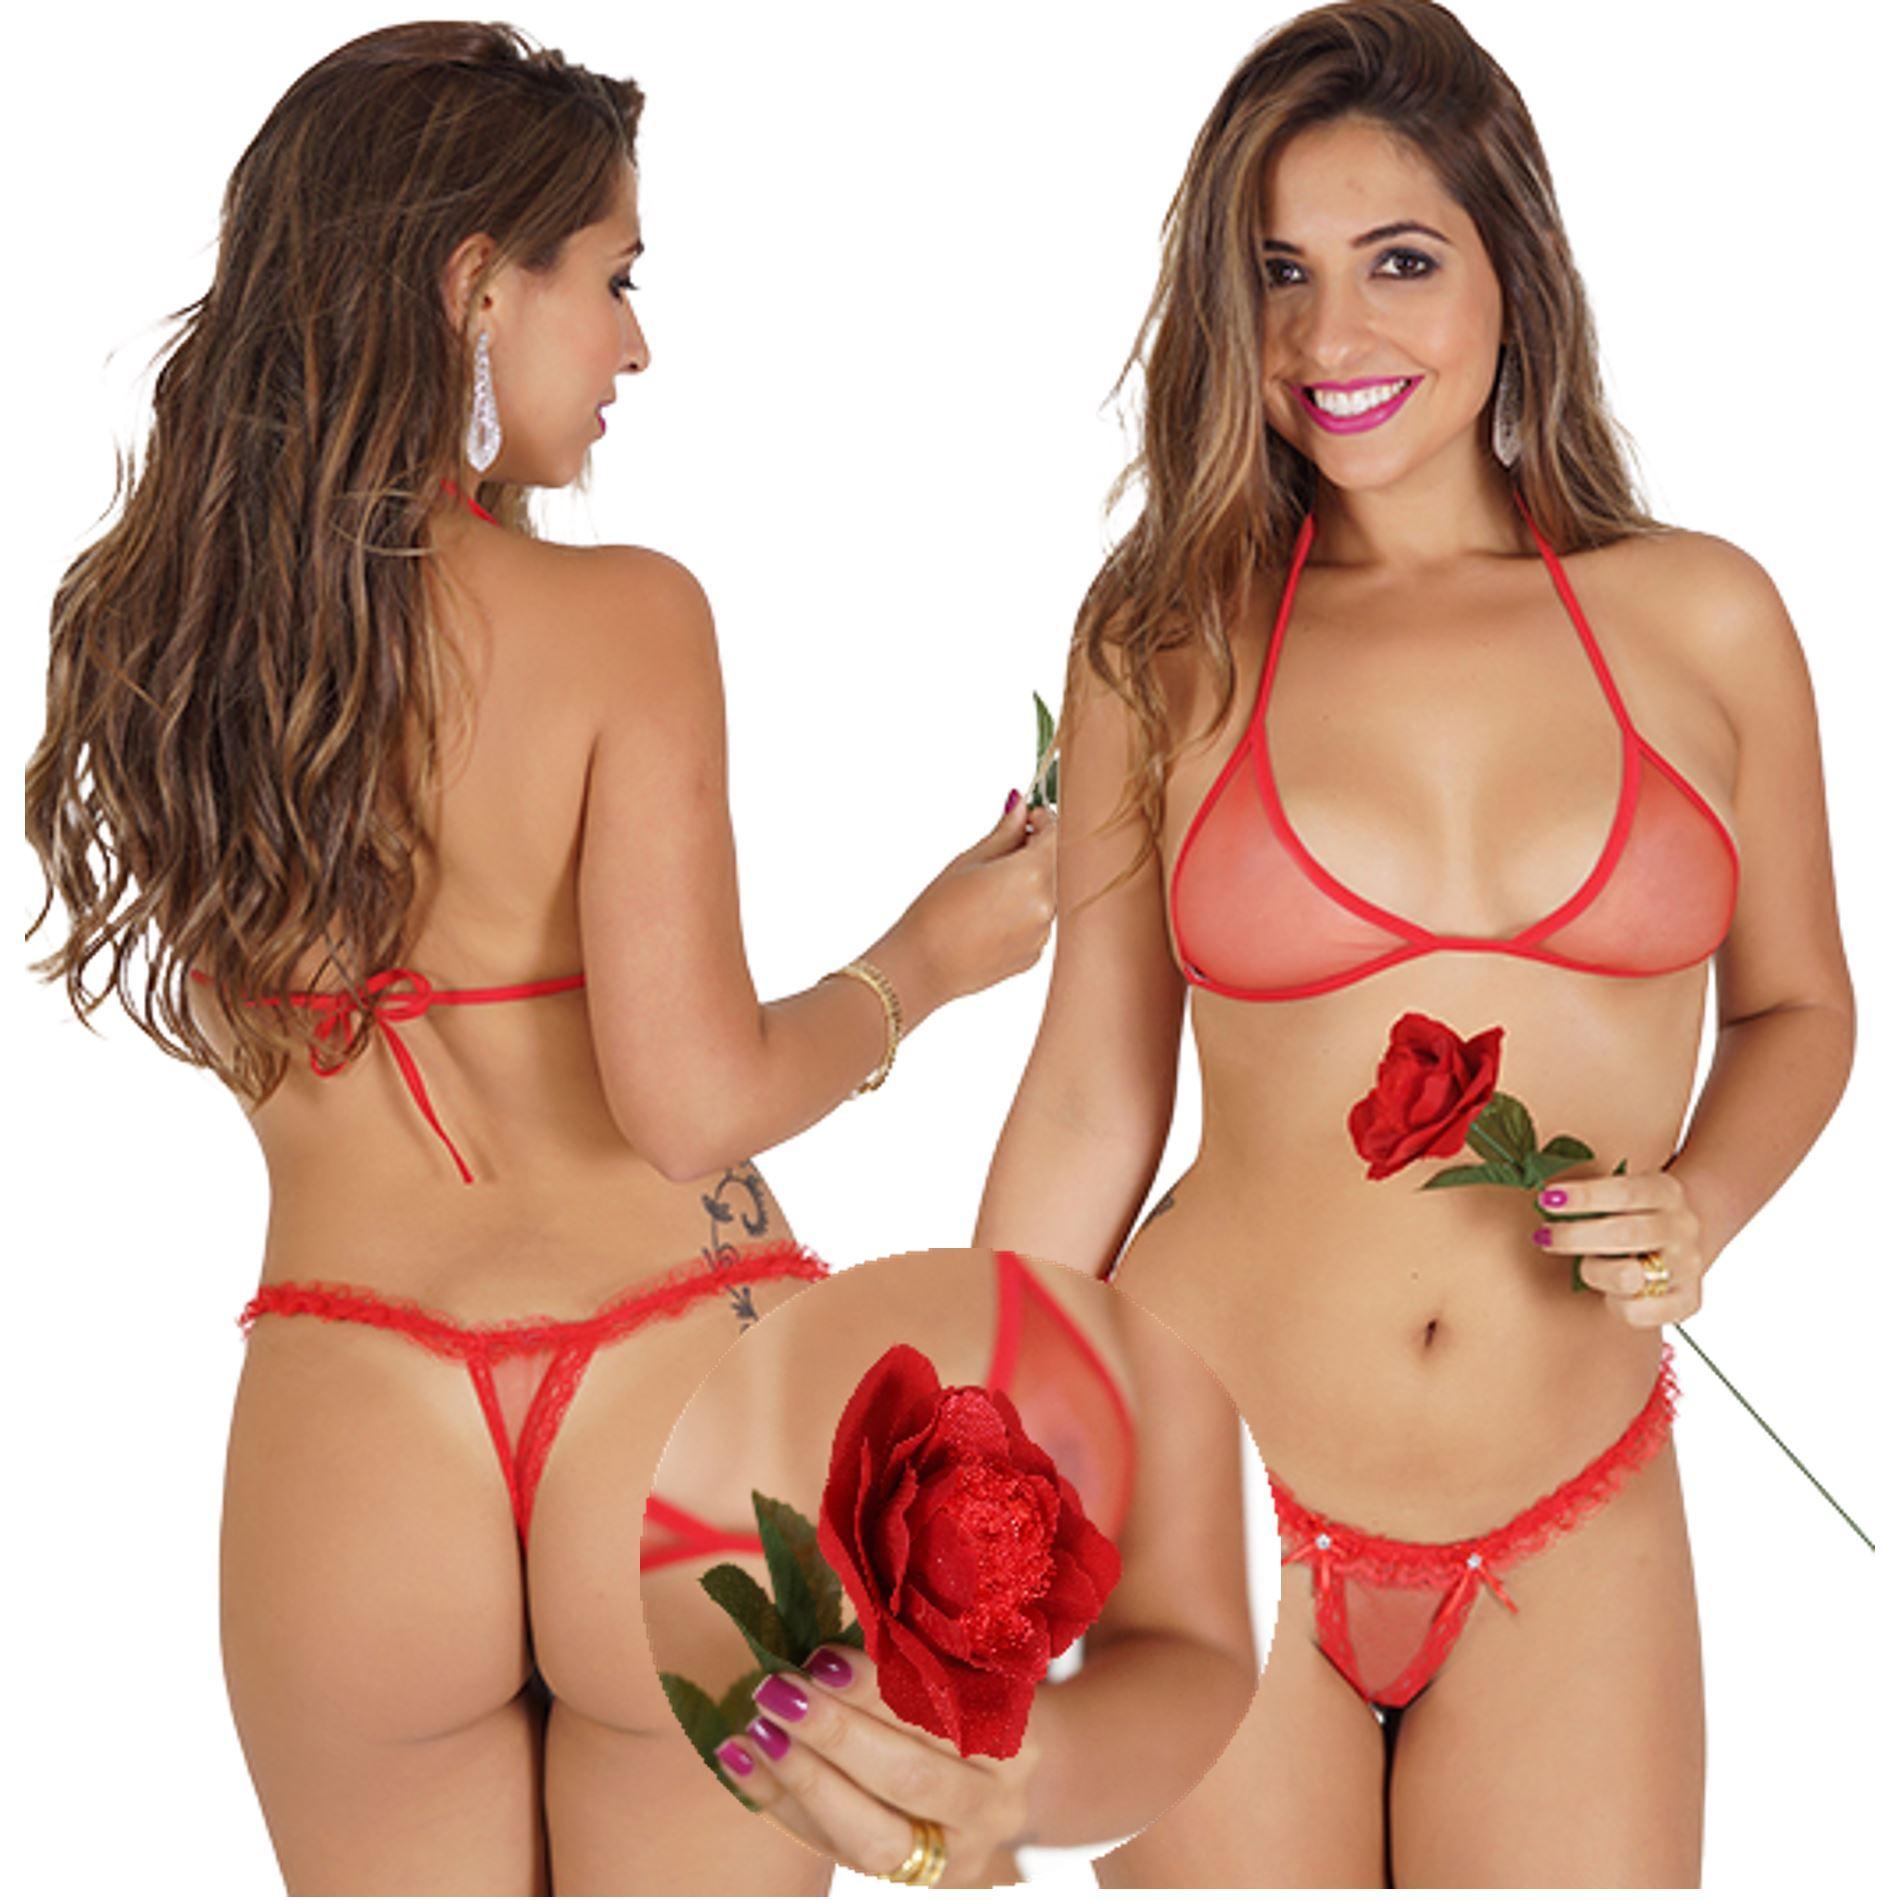 Conjunto Lingerie Tanga Flor Sensual  - Fribasex - Fabricasex.com